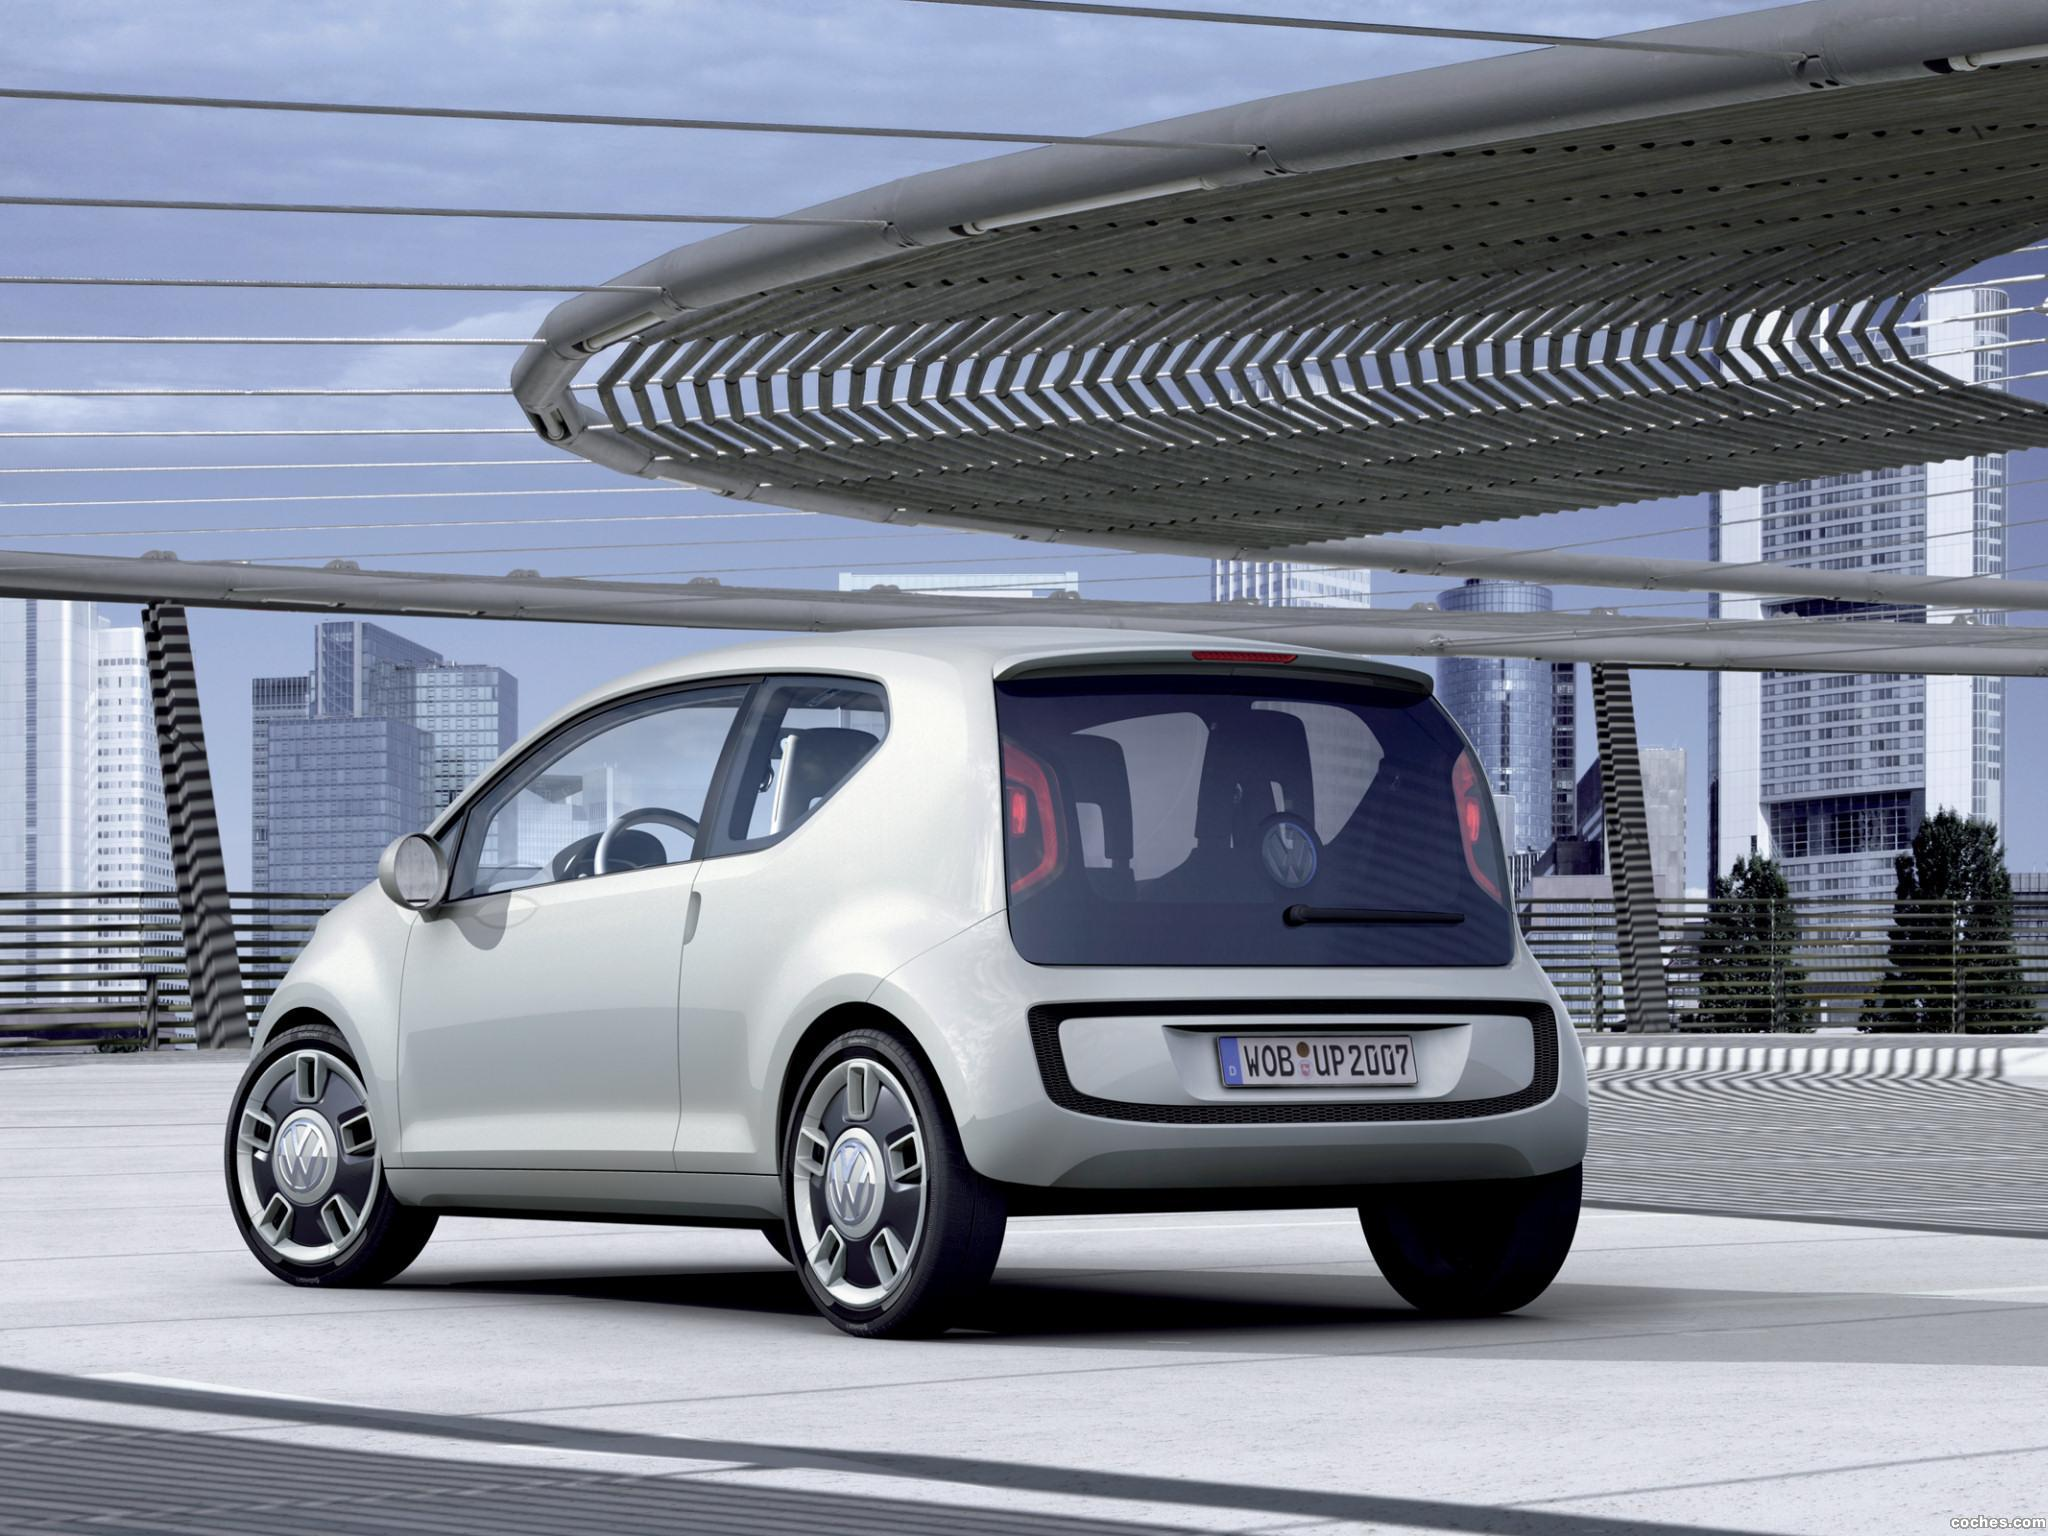 Foto 6 de Volkswagen Up! Concept 2007